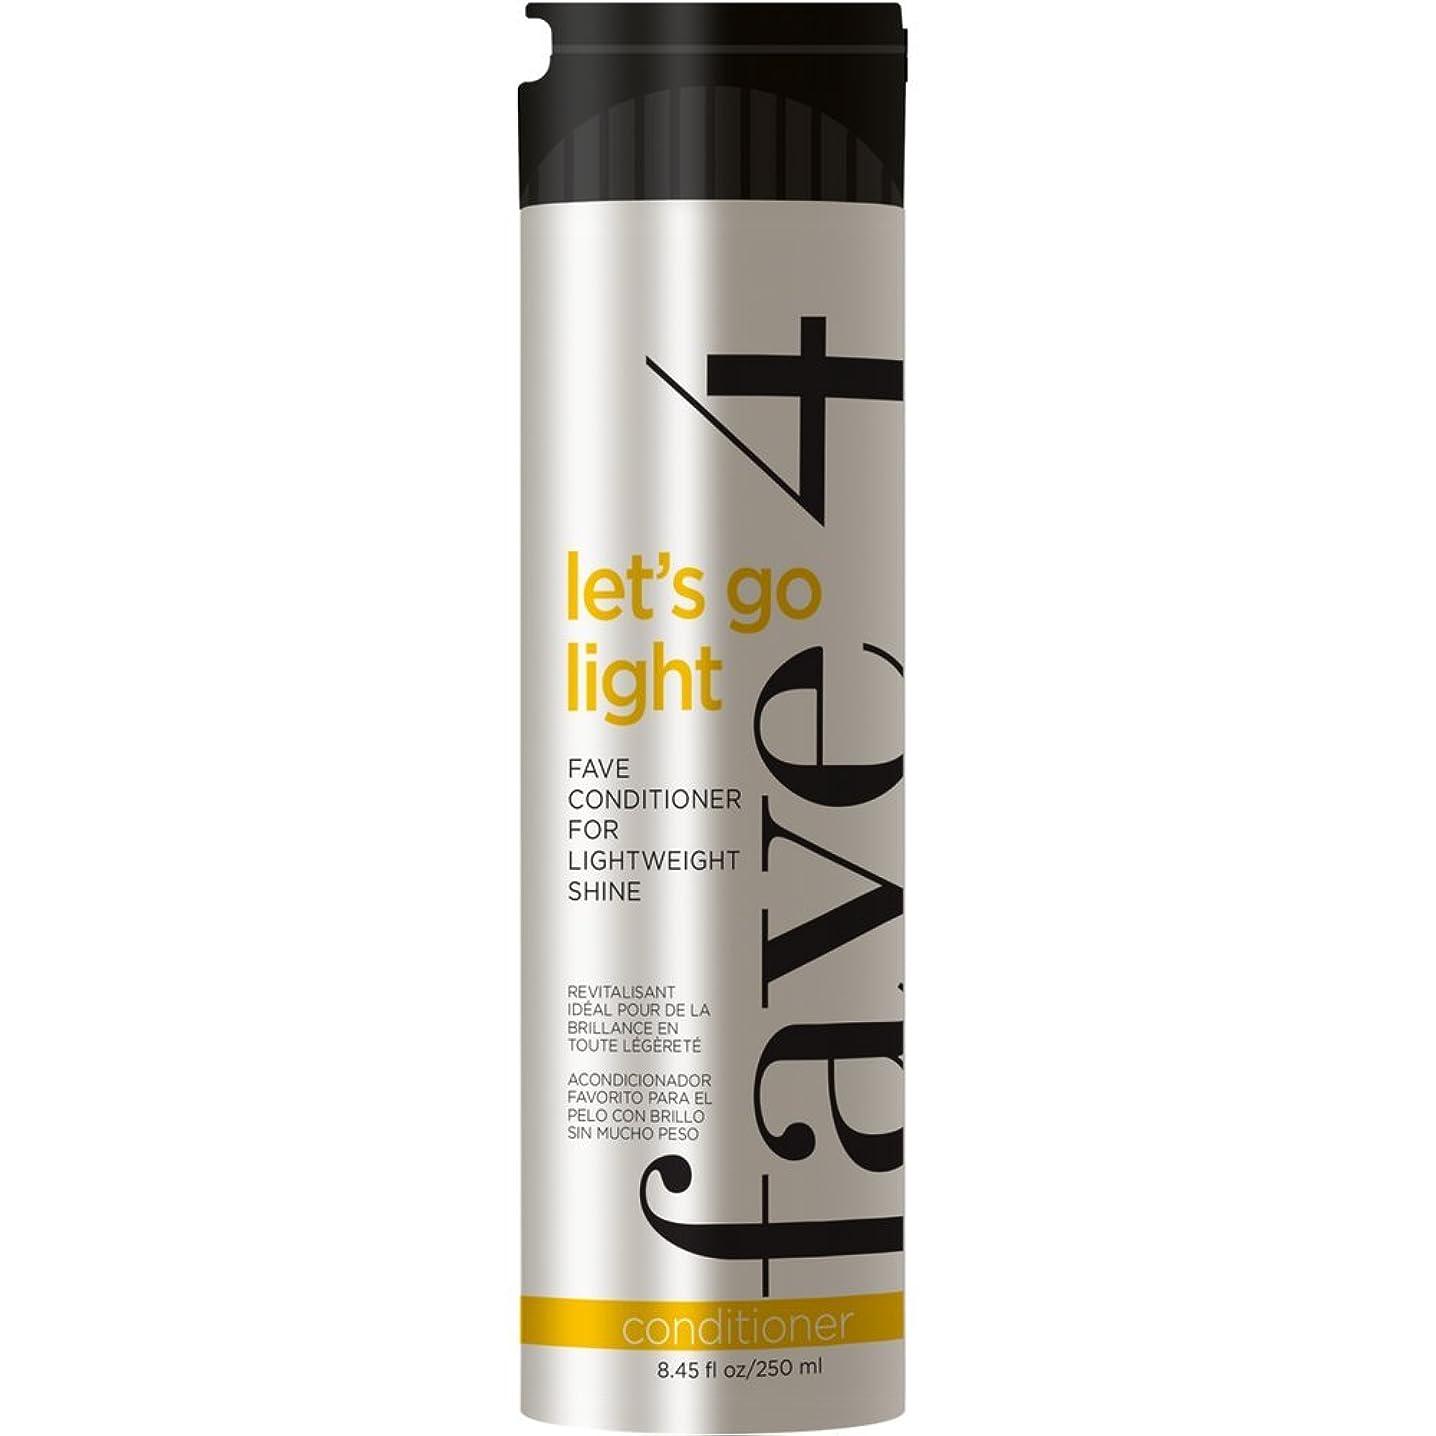 郵便リングレットプーノfave4 のは、軽量磨きのためにライトフェイブコンディショナーを行こう - 硫酸無料|パラベンフリー|グルテンフリー|無添加塩化ナトリウム|虐待無料|色処理した毛髪、8.45オンスのための安全な 8.5オンス